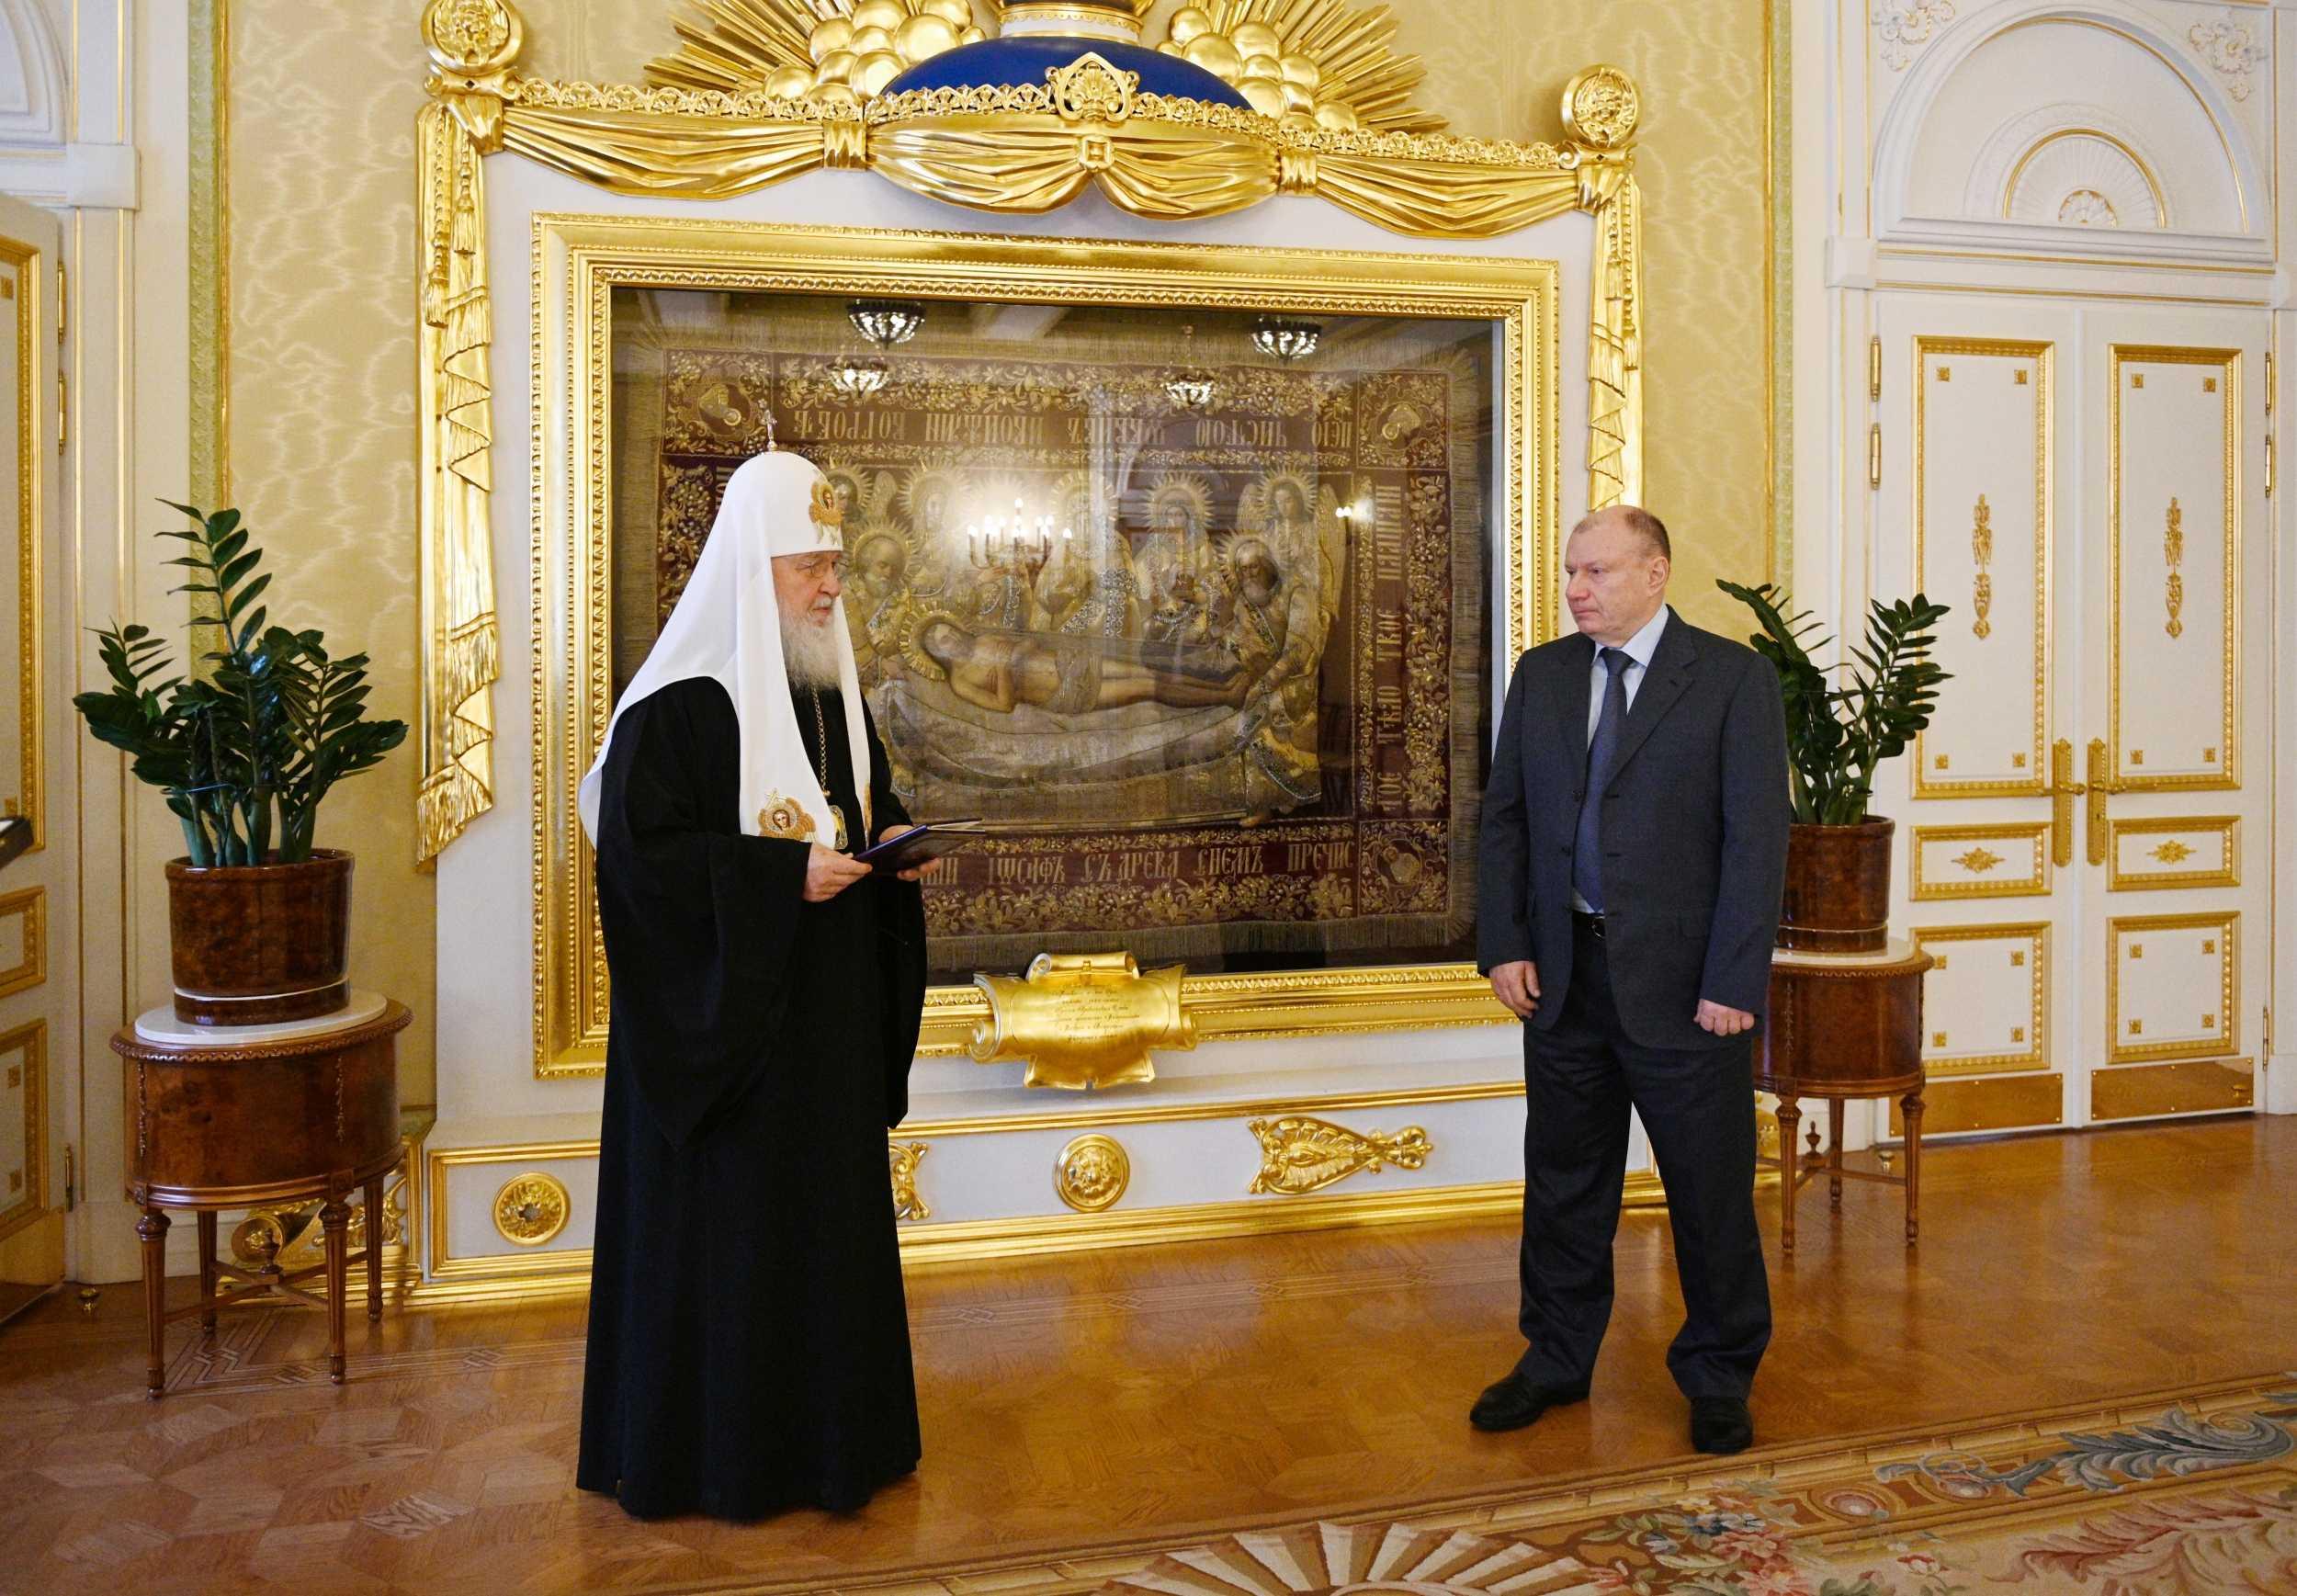 Святейший Патриарх Кирилл награждает президента, председателя Правления компании «Норильский никель» Владимира Потанина